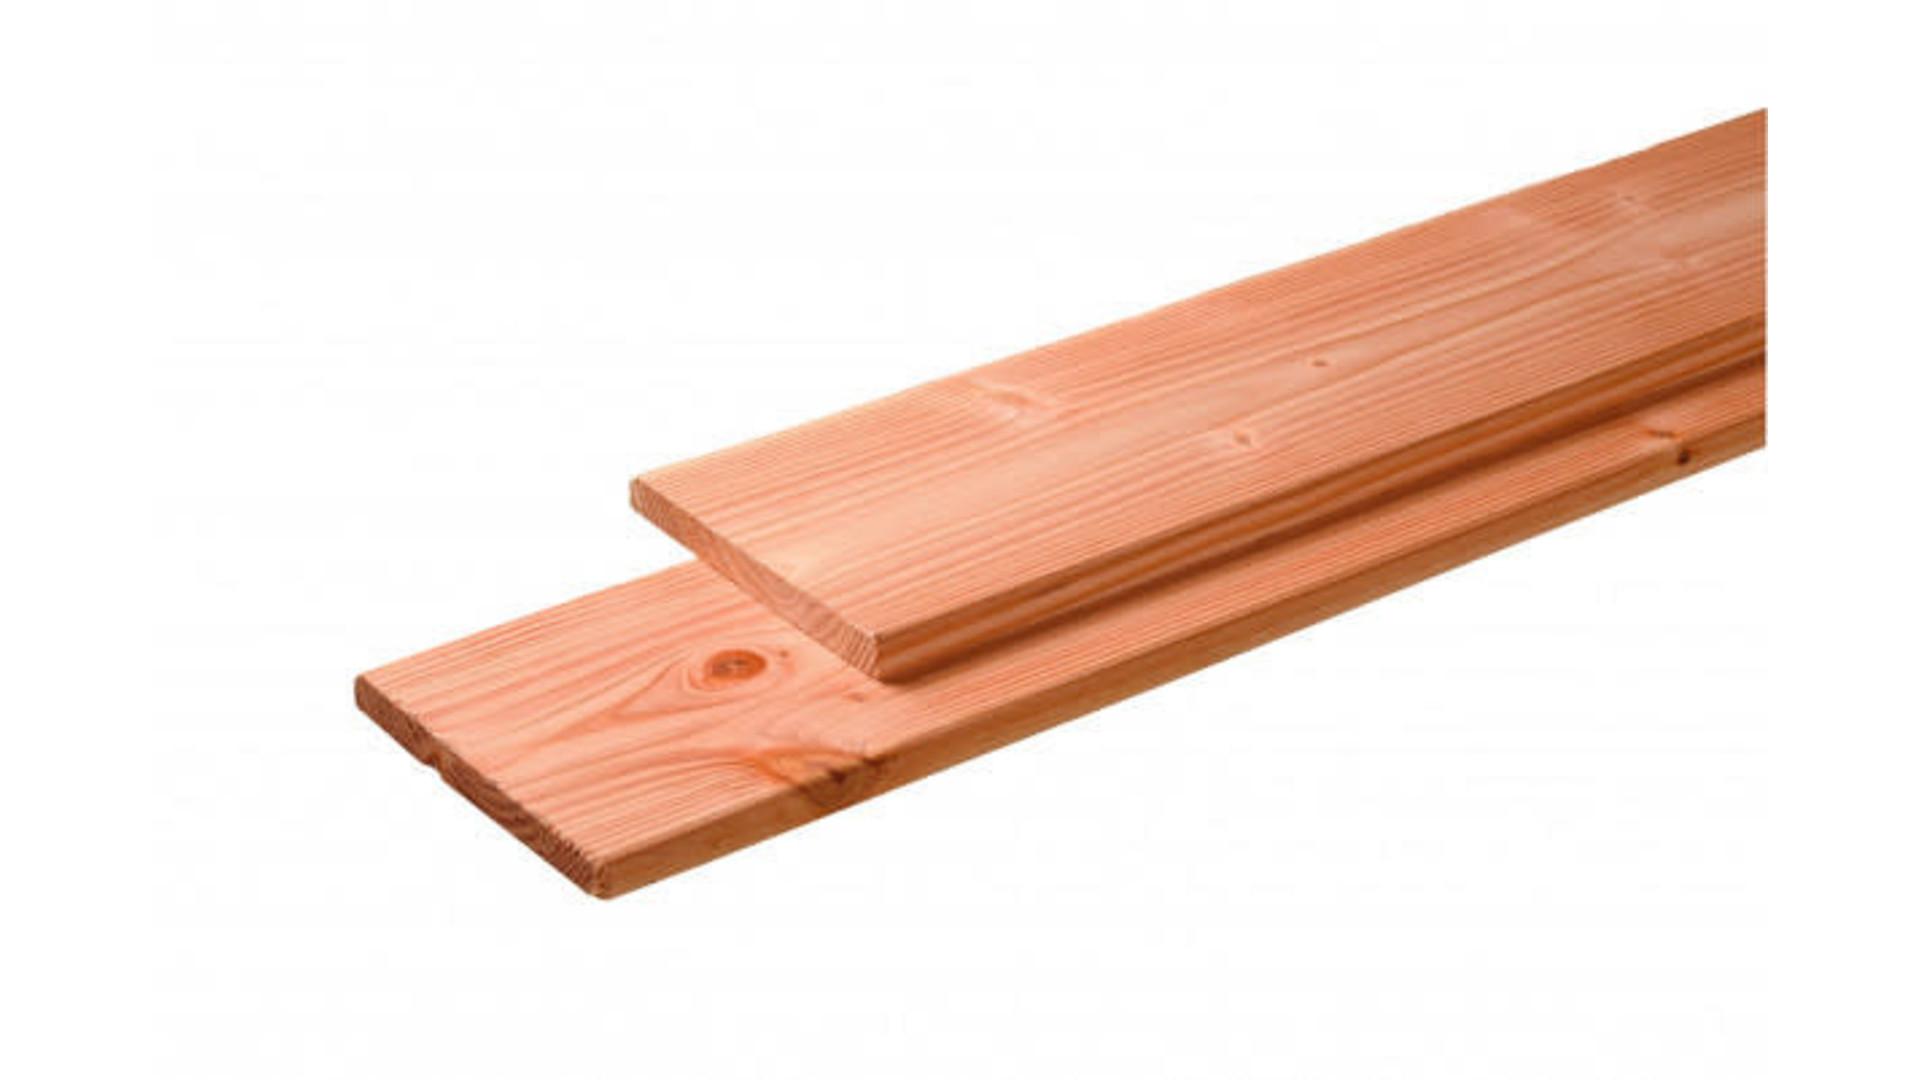 Douglas plank, 1 kant bezaagd en 1 kant geschaafd 2,8x19,5 cm